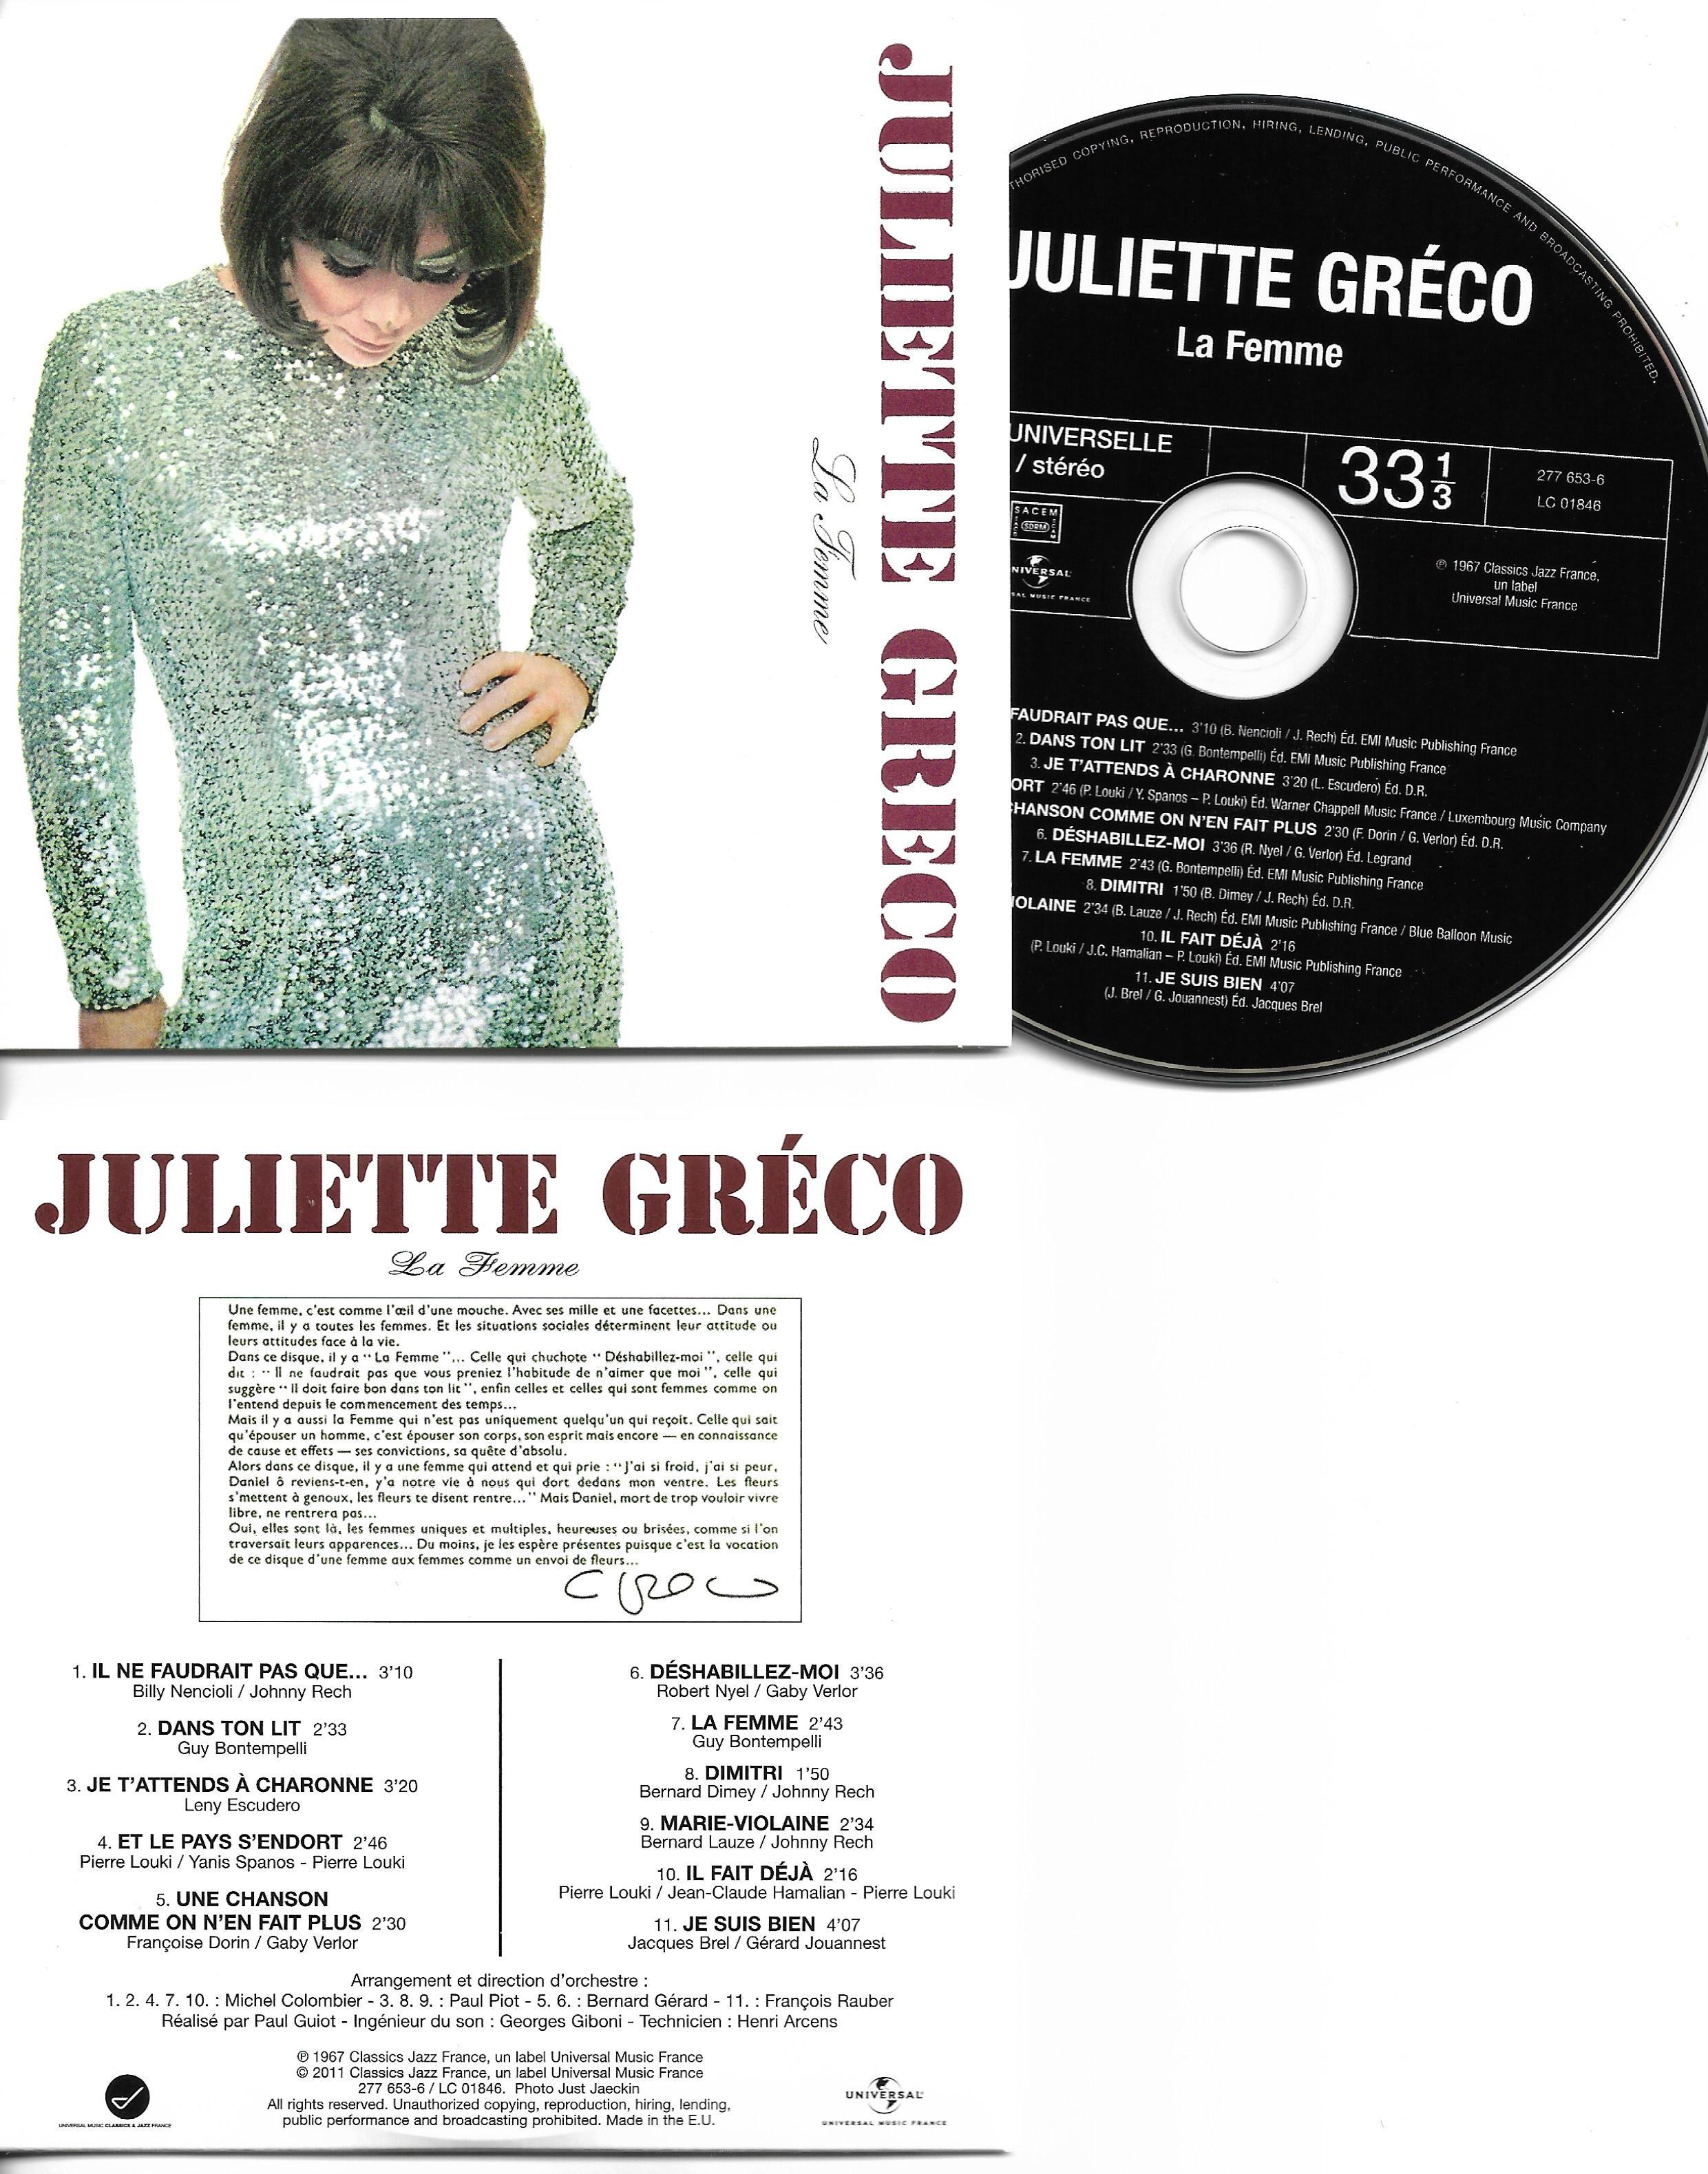 JULIETTE GRÉCO - La Femme - Mini LP - 11-TRACK CARD SLEEVE - 11 Titres pochette Cartonnée - CD